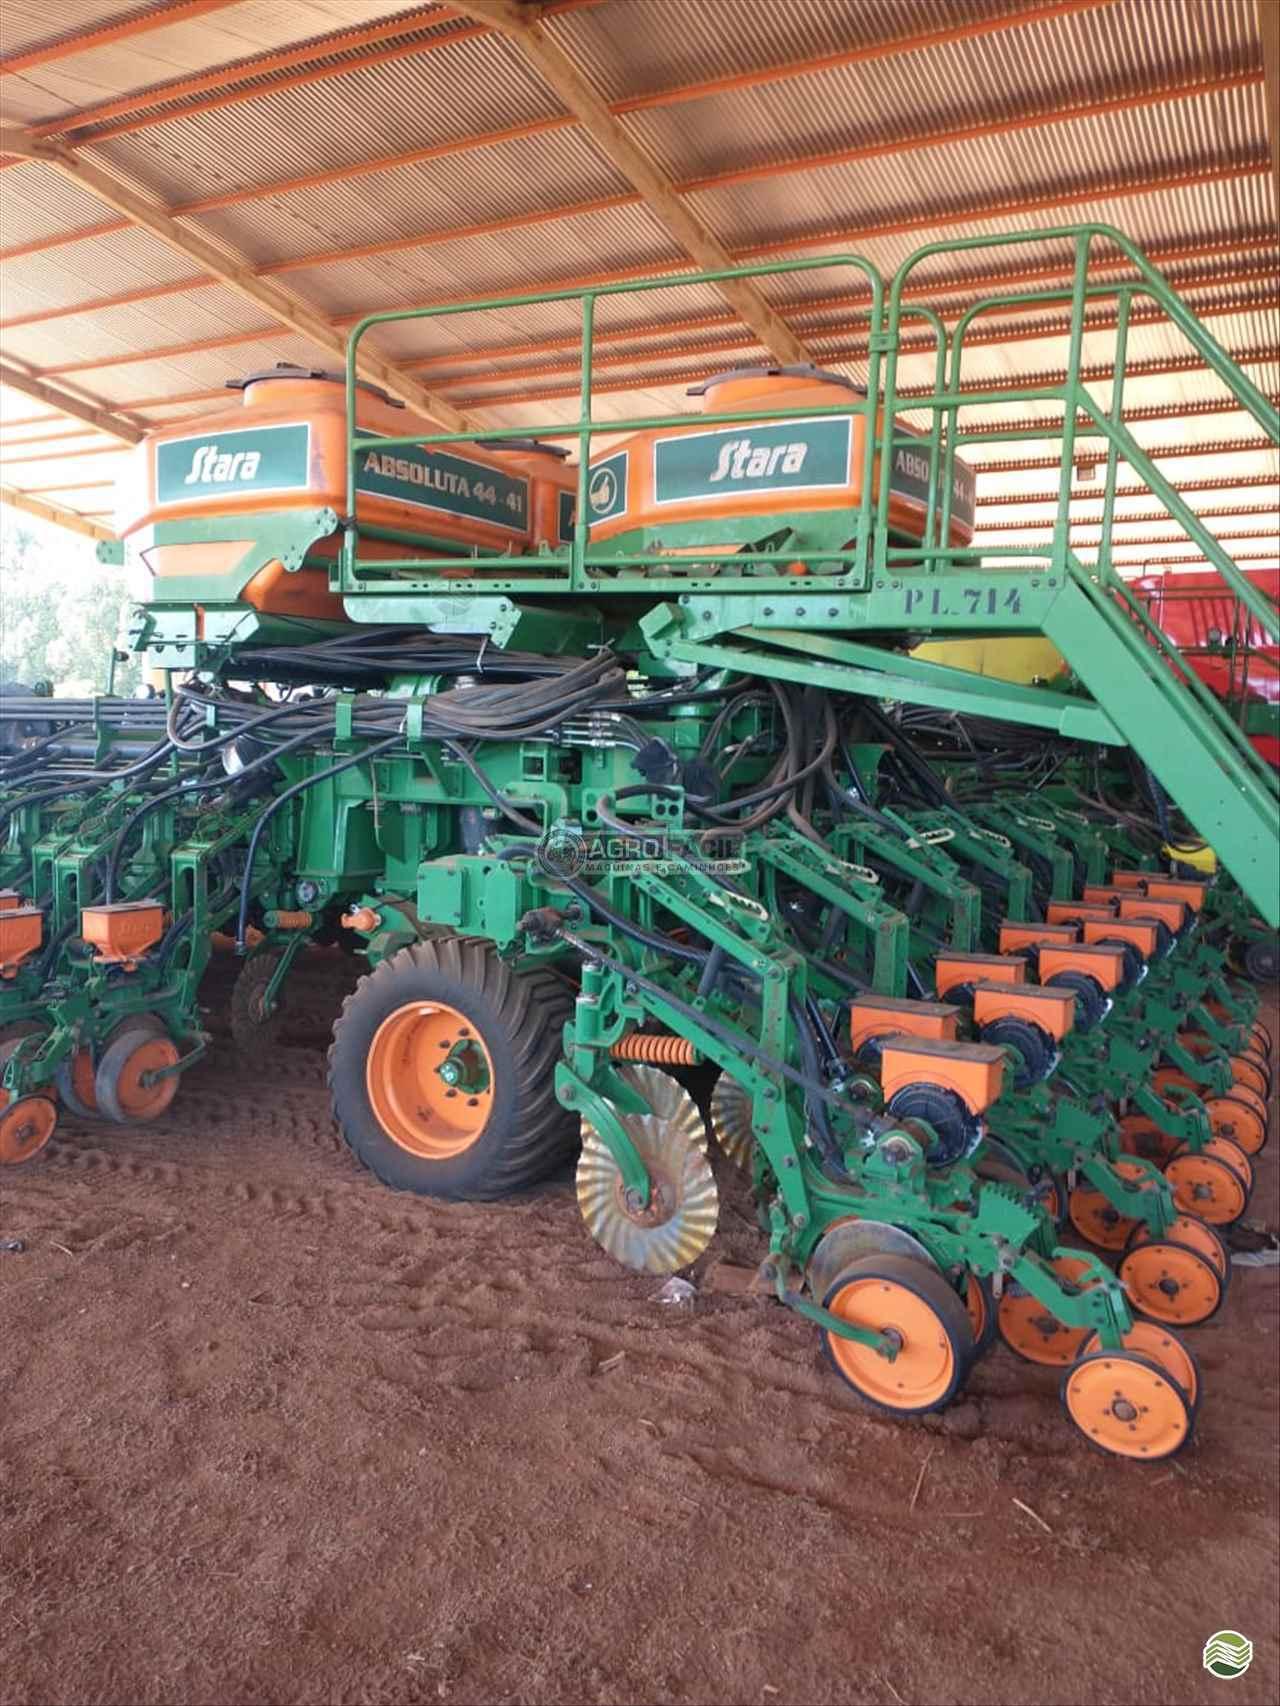 PLANTADEIRA STARA ABSOLUTA 44 Agro Fácil Máquinas PRIMAVERA DO LESTE MATO GROSSO MT